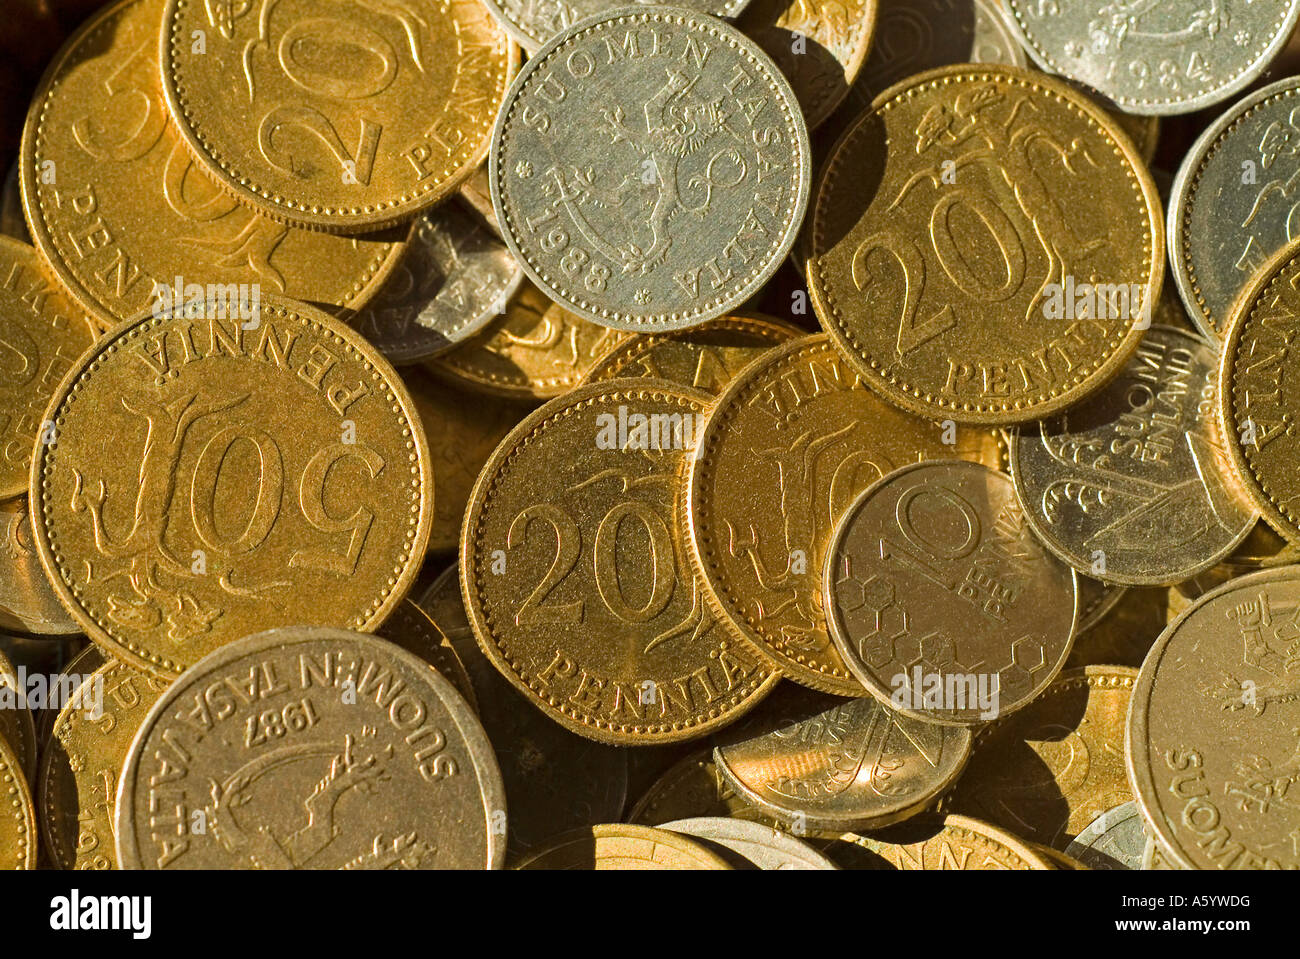 Verschiedene Münzen In Alten Währung Aus Finnland Finnmark Mark